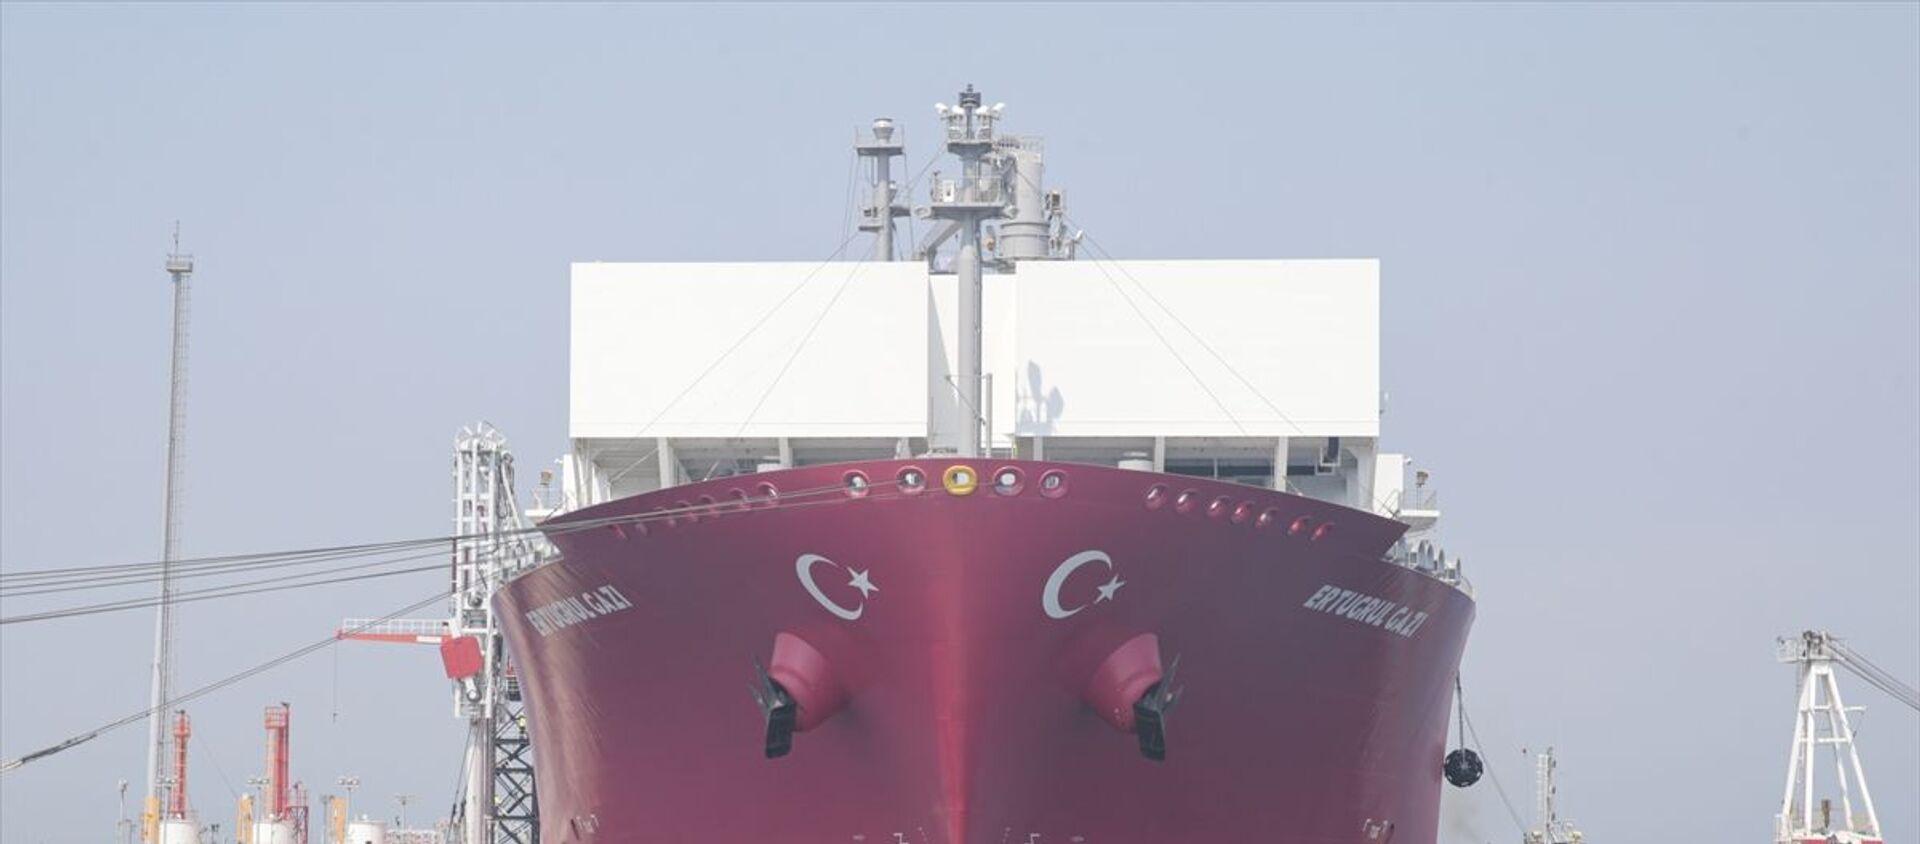 Türkiye'nin ilk doğalgaz depolama gemisi Ertuğrul Gazi - Sputnik Türkiye, 1920, 25.06.2021